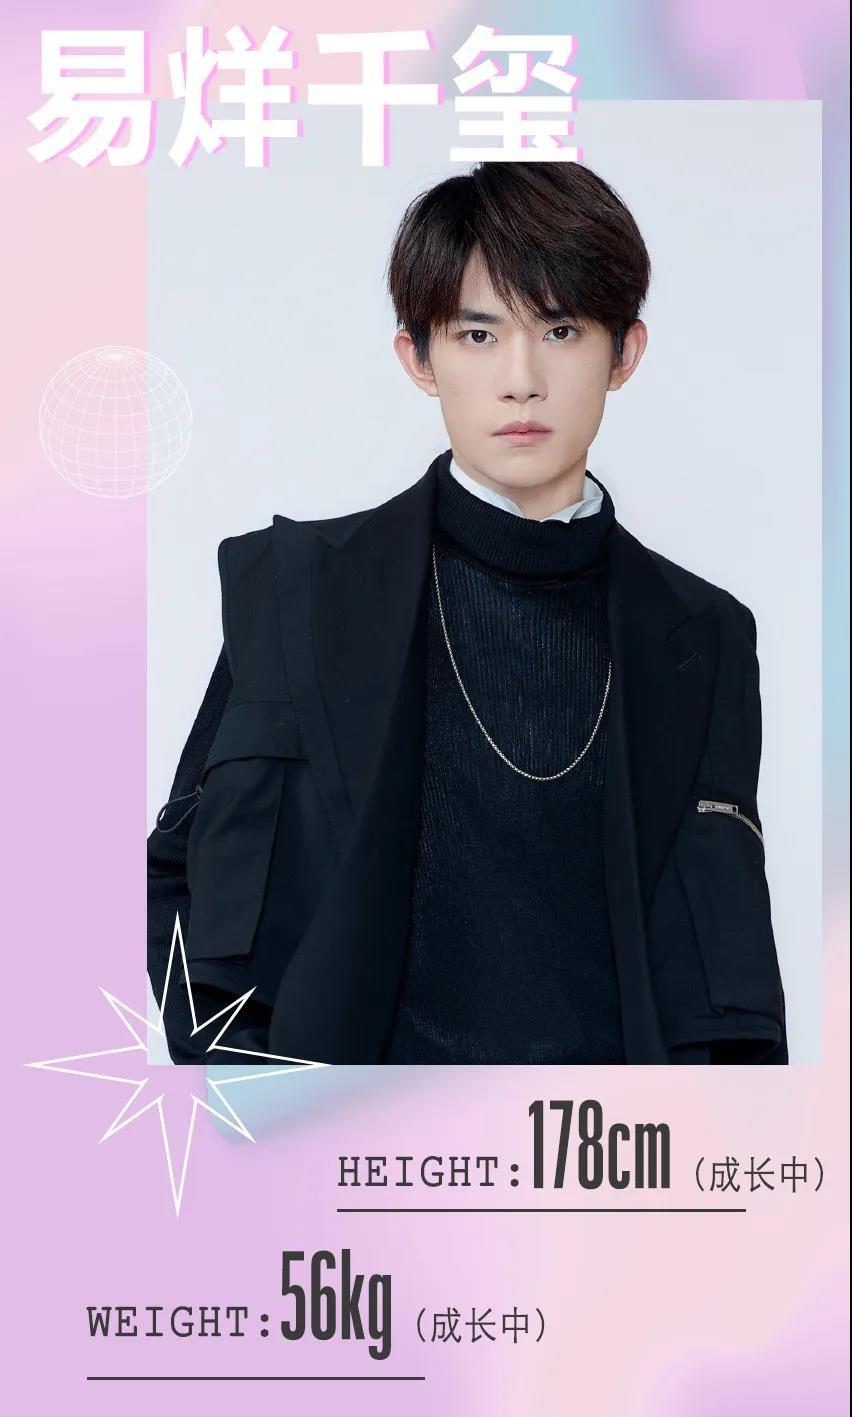 最新明星身高:蔡徐坤身高与体重比例吓人,王俊凯居然182厘米了